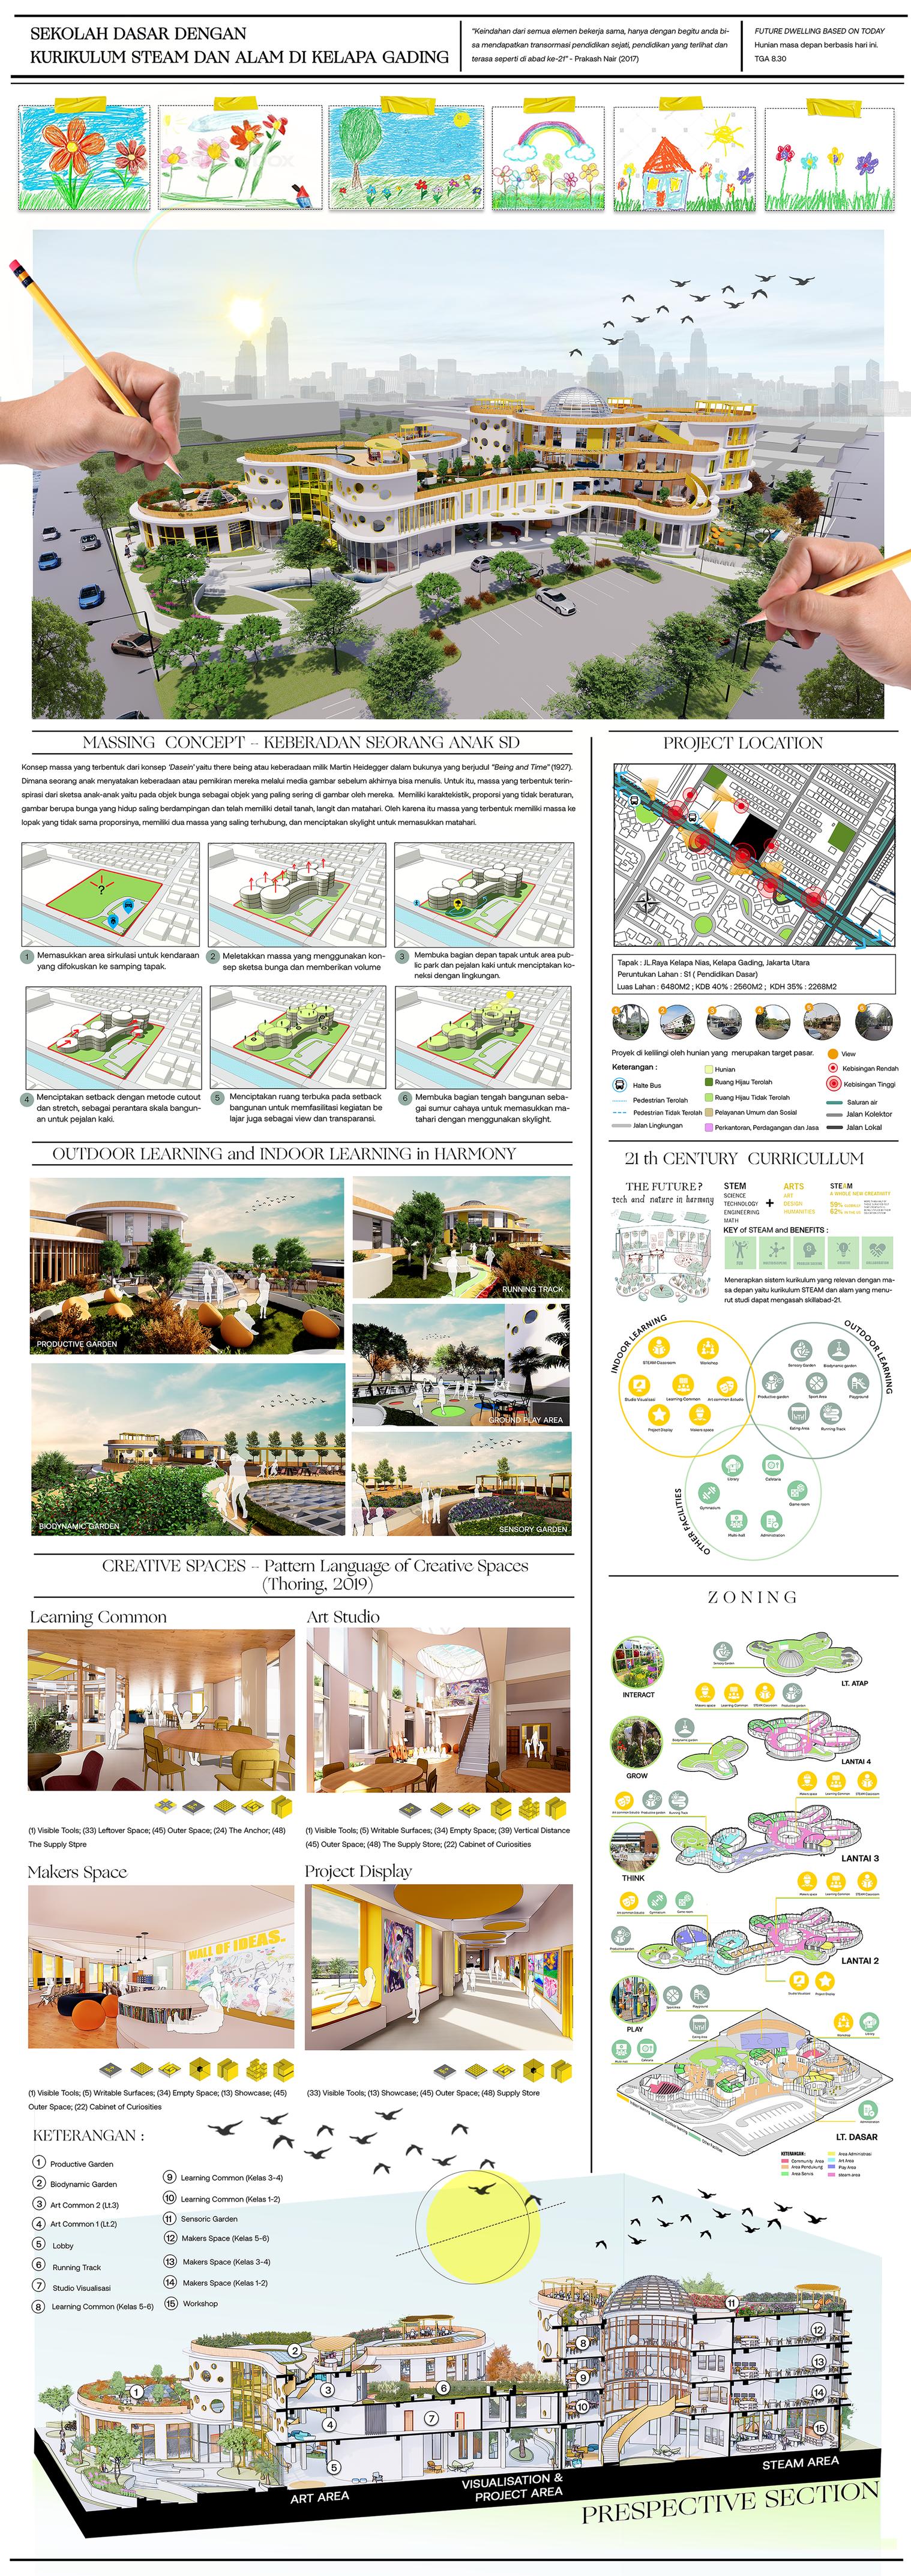 Taman Belajar Kreatif.png